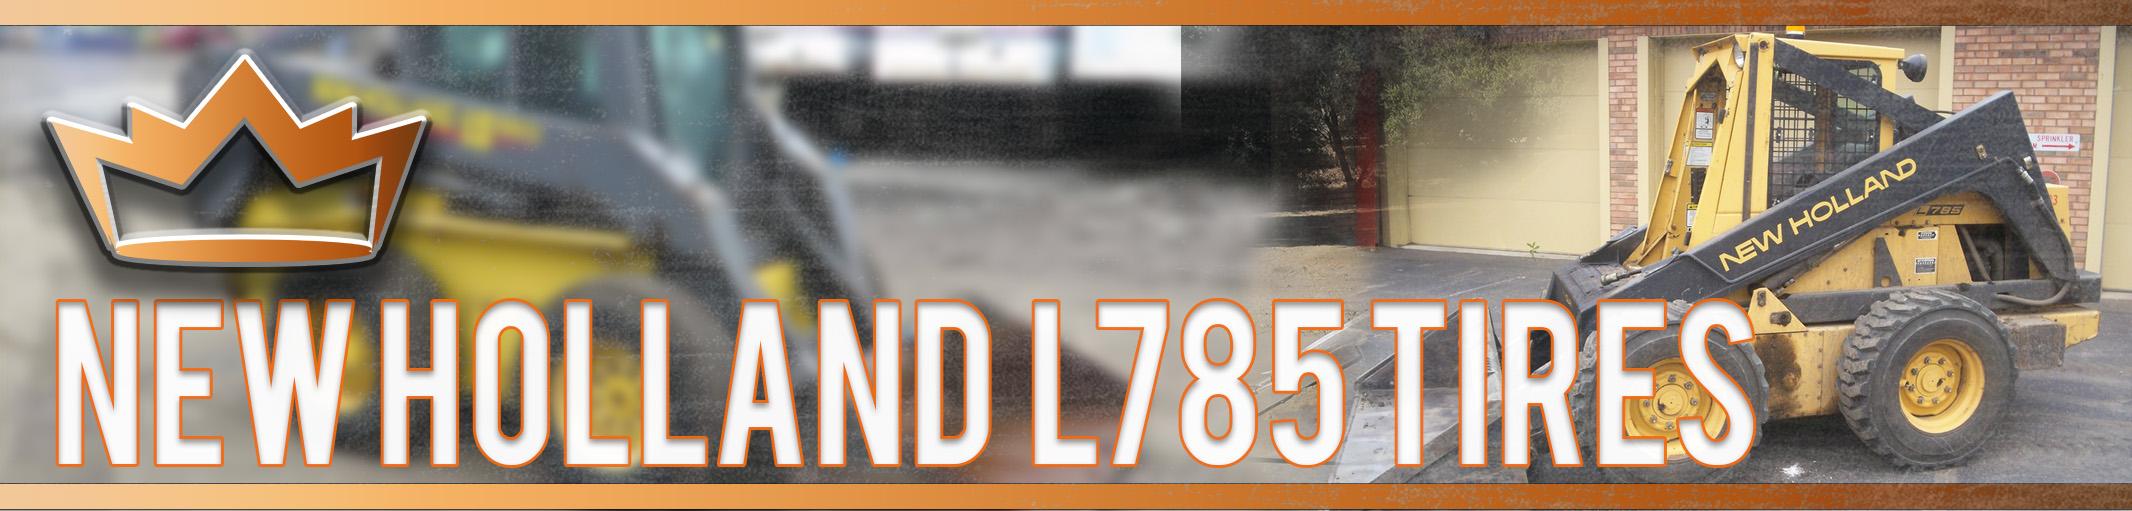 New Holland L785 Tires